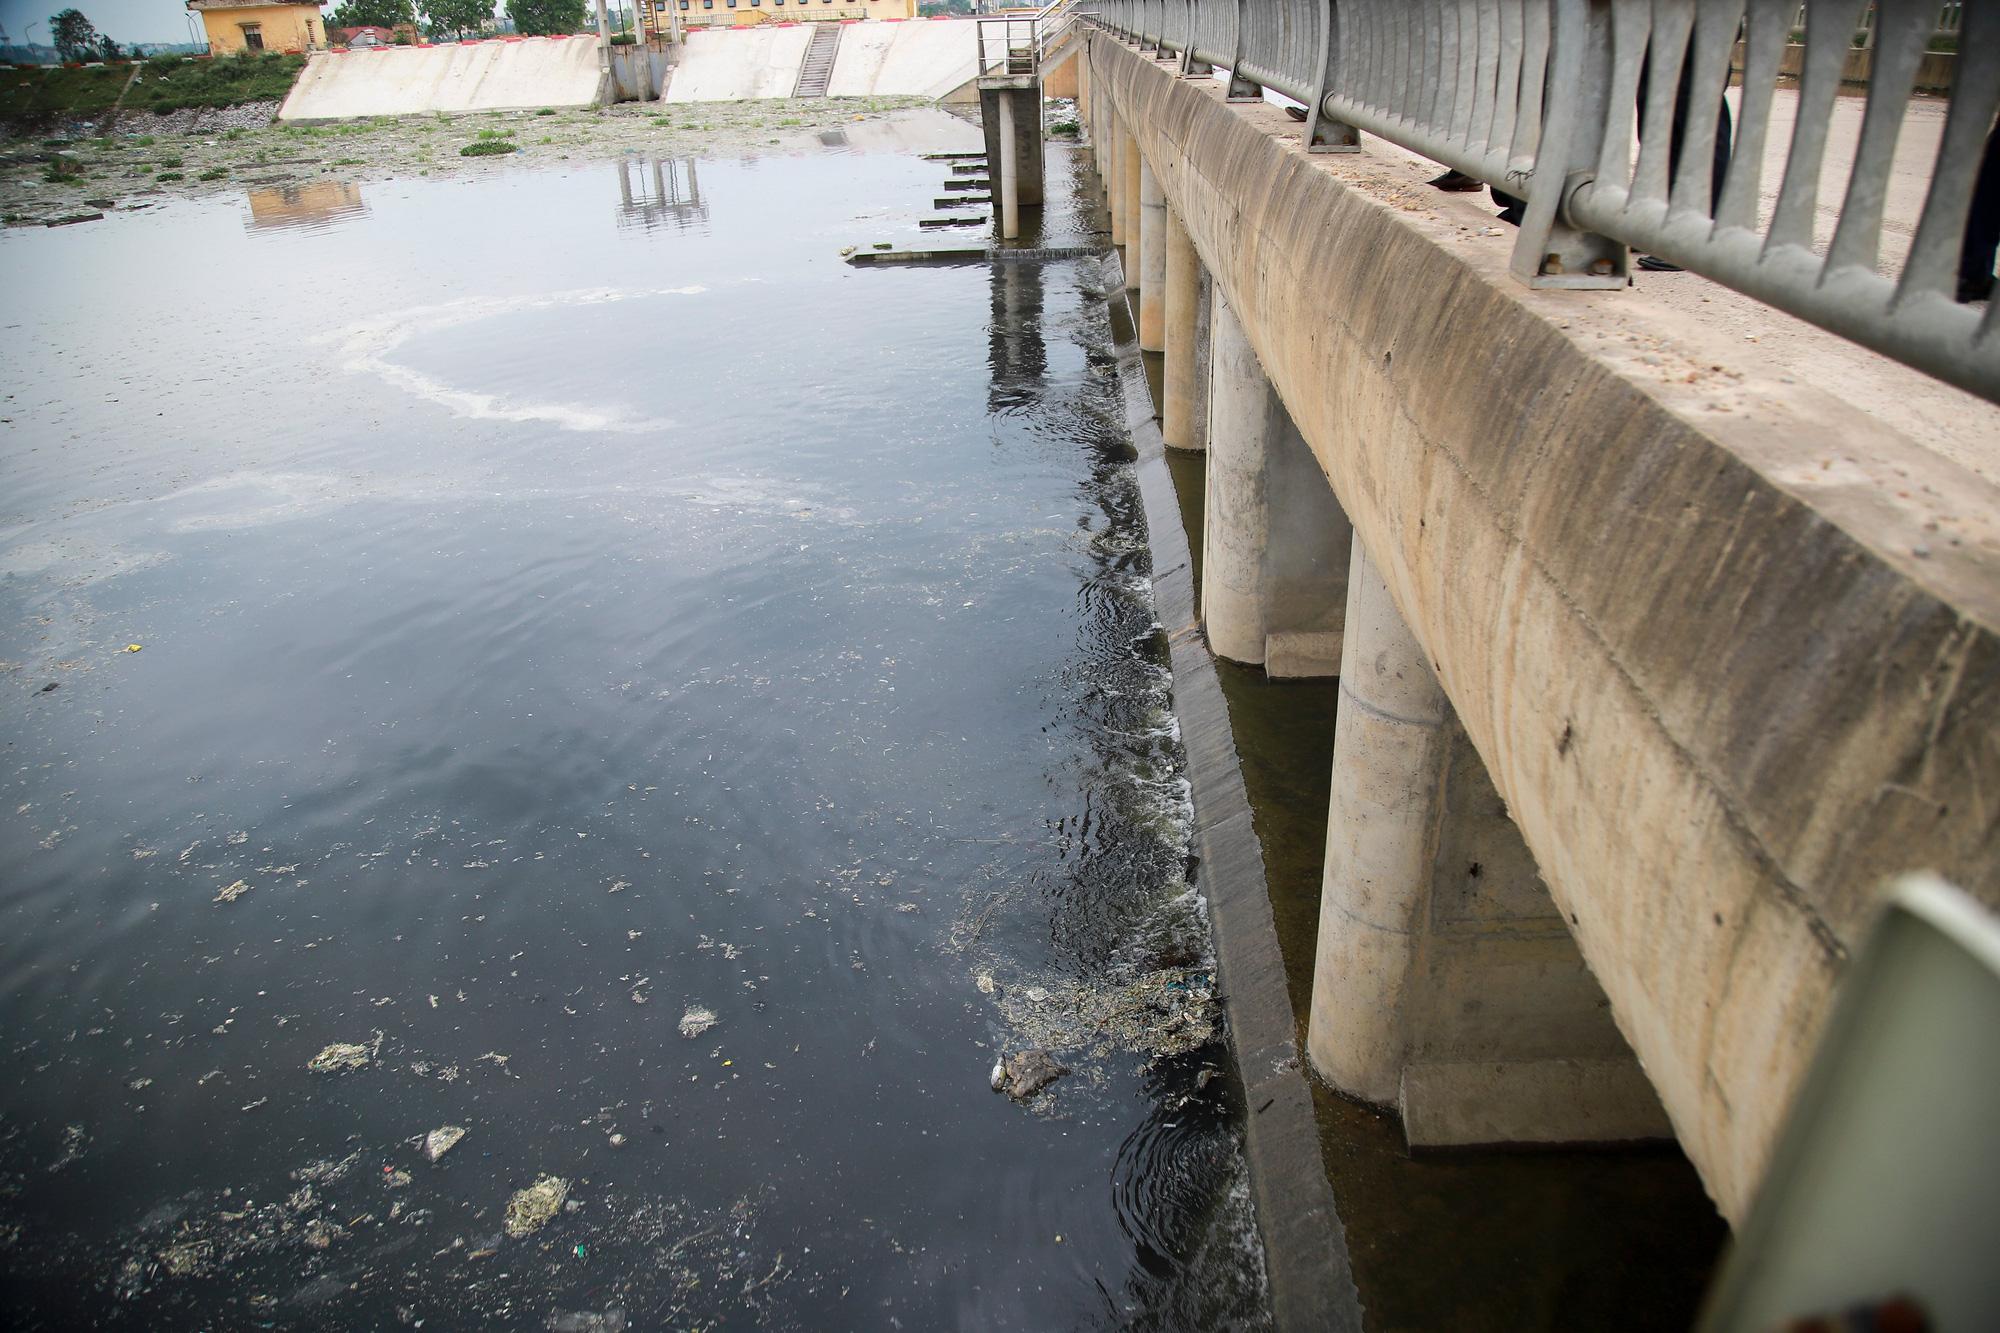 """Nỗi lo rác thải ở nông thôn: Mỗi năm """"hứng chịu"""" 11 triệu tấn rác thải sinh hoạt, 19.000 tấn bao bì thuốc BVTV... - Ảnh 1."""